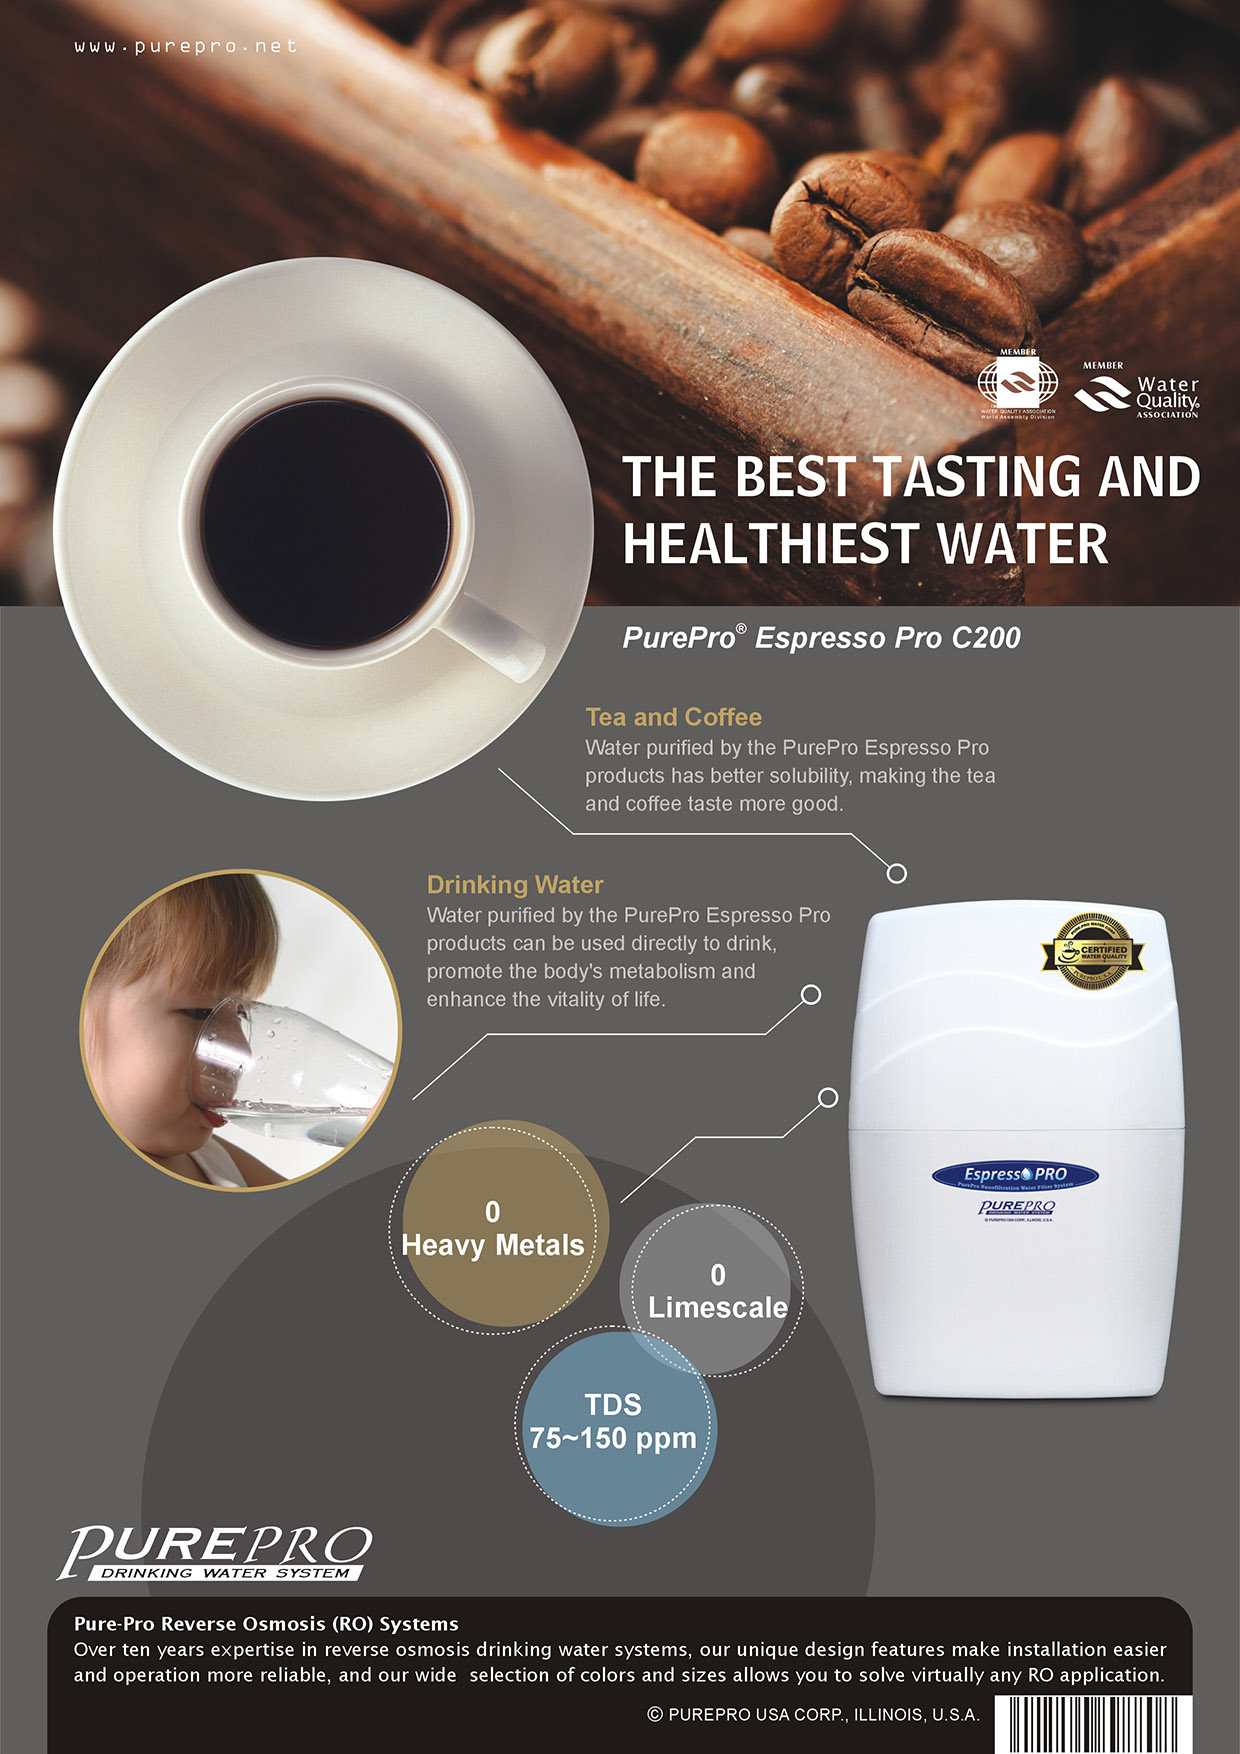 美國 PurePro® C200 RO濾水器- 全新配備具礦物保護技術的新一代逆滲透膜